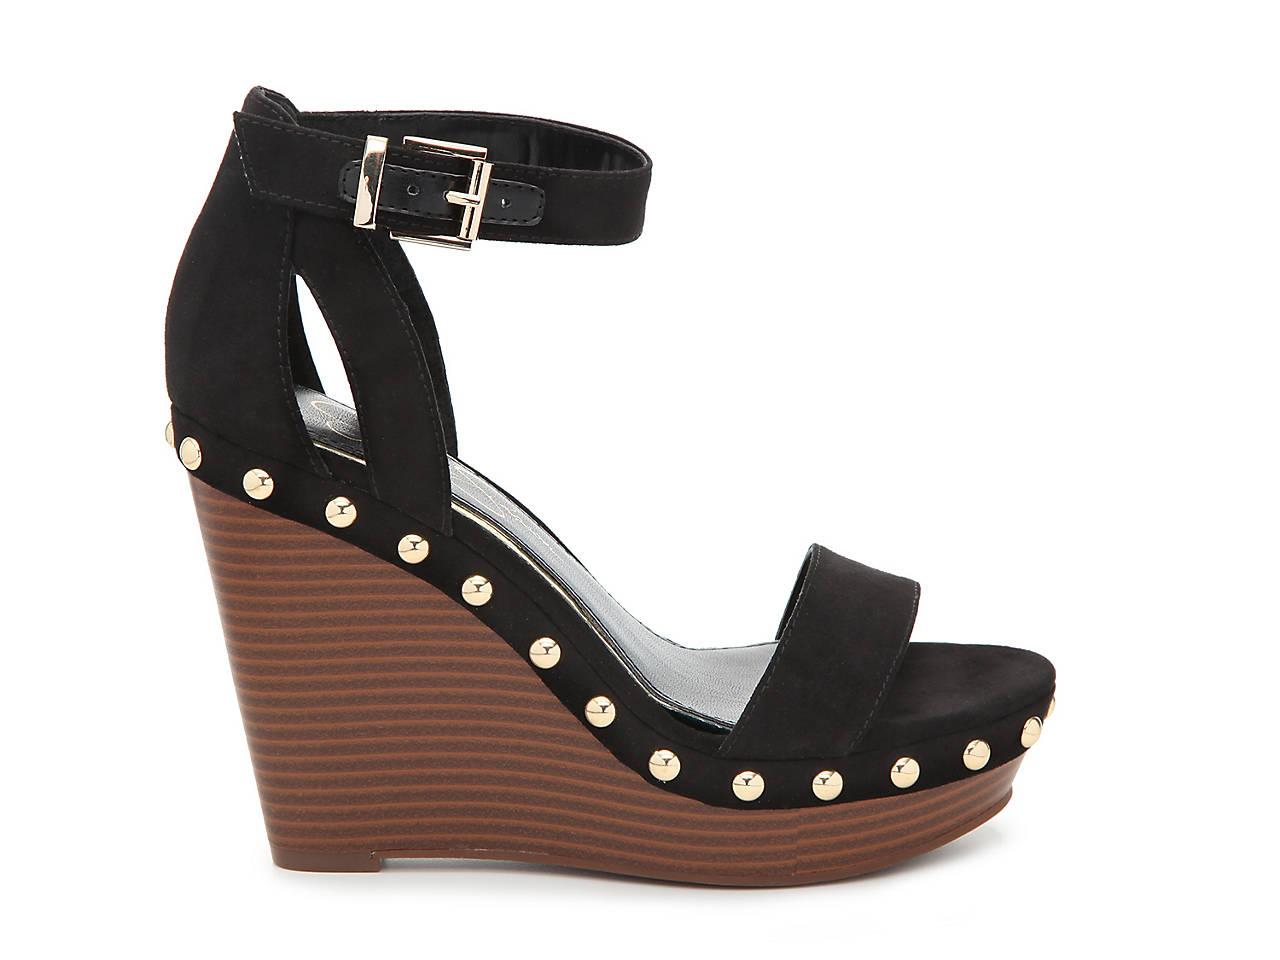 6c0cf18c593 Jessica Simpson Jaylow Wedge Sandal Men s Shoes